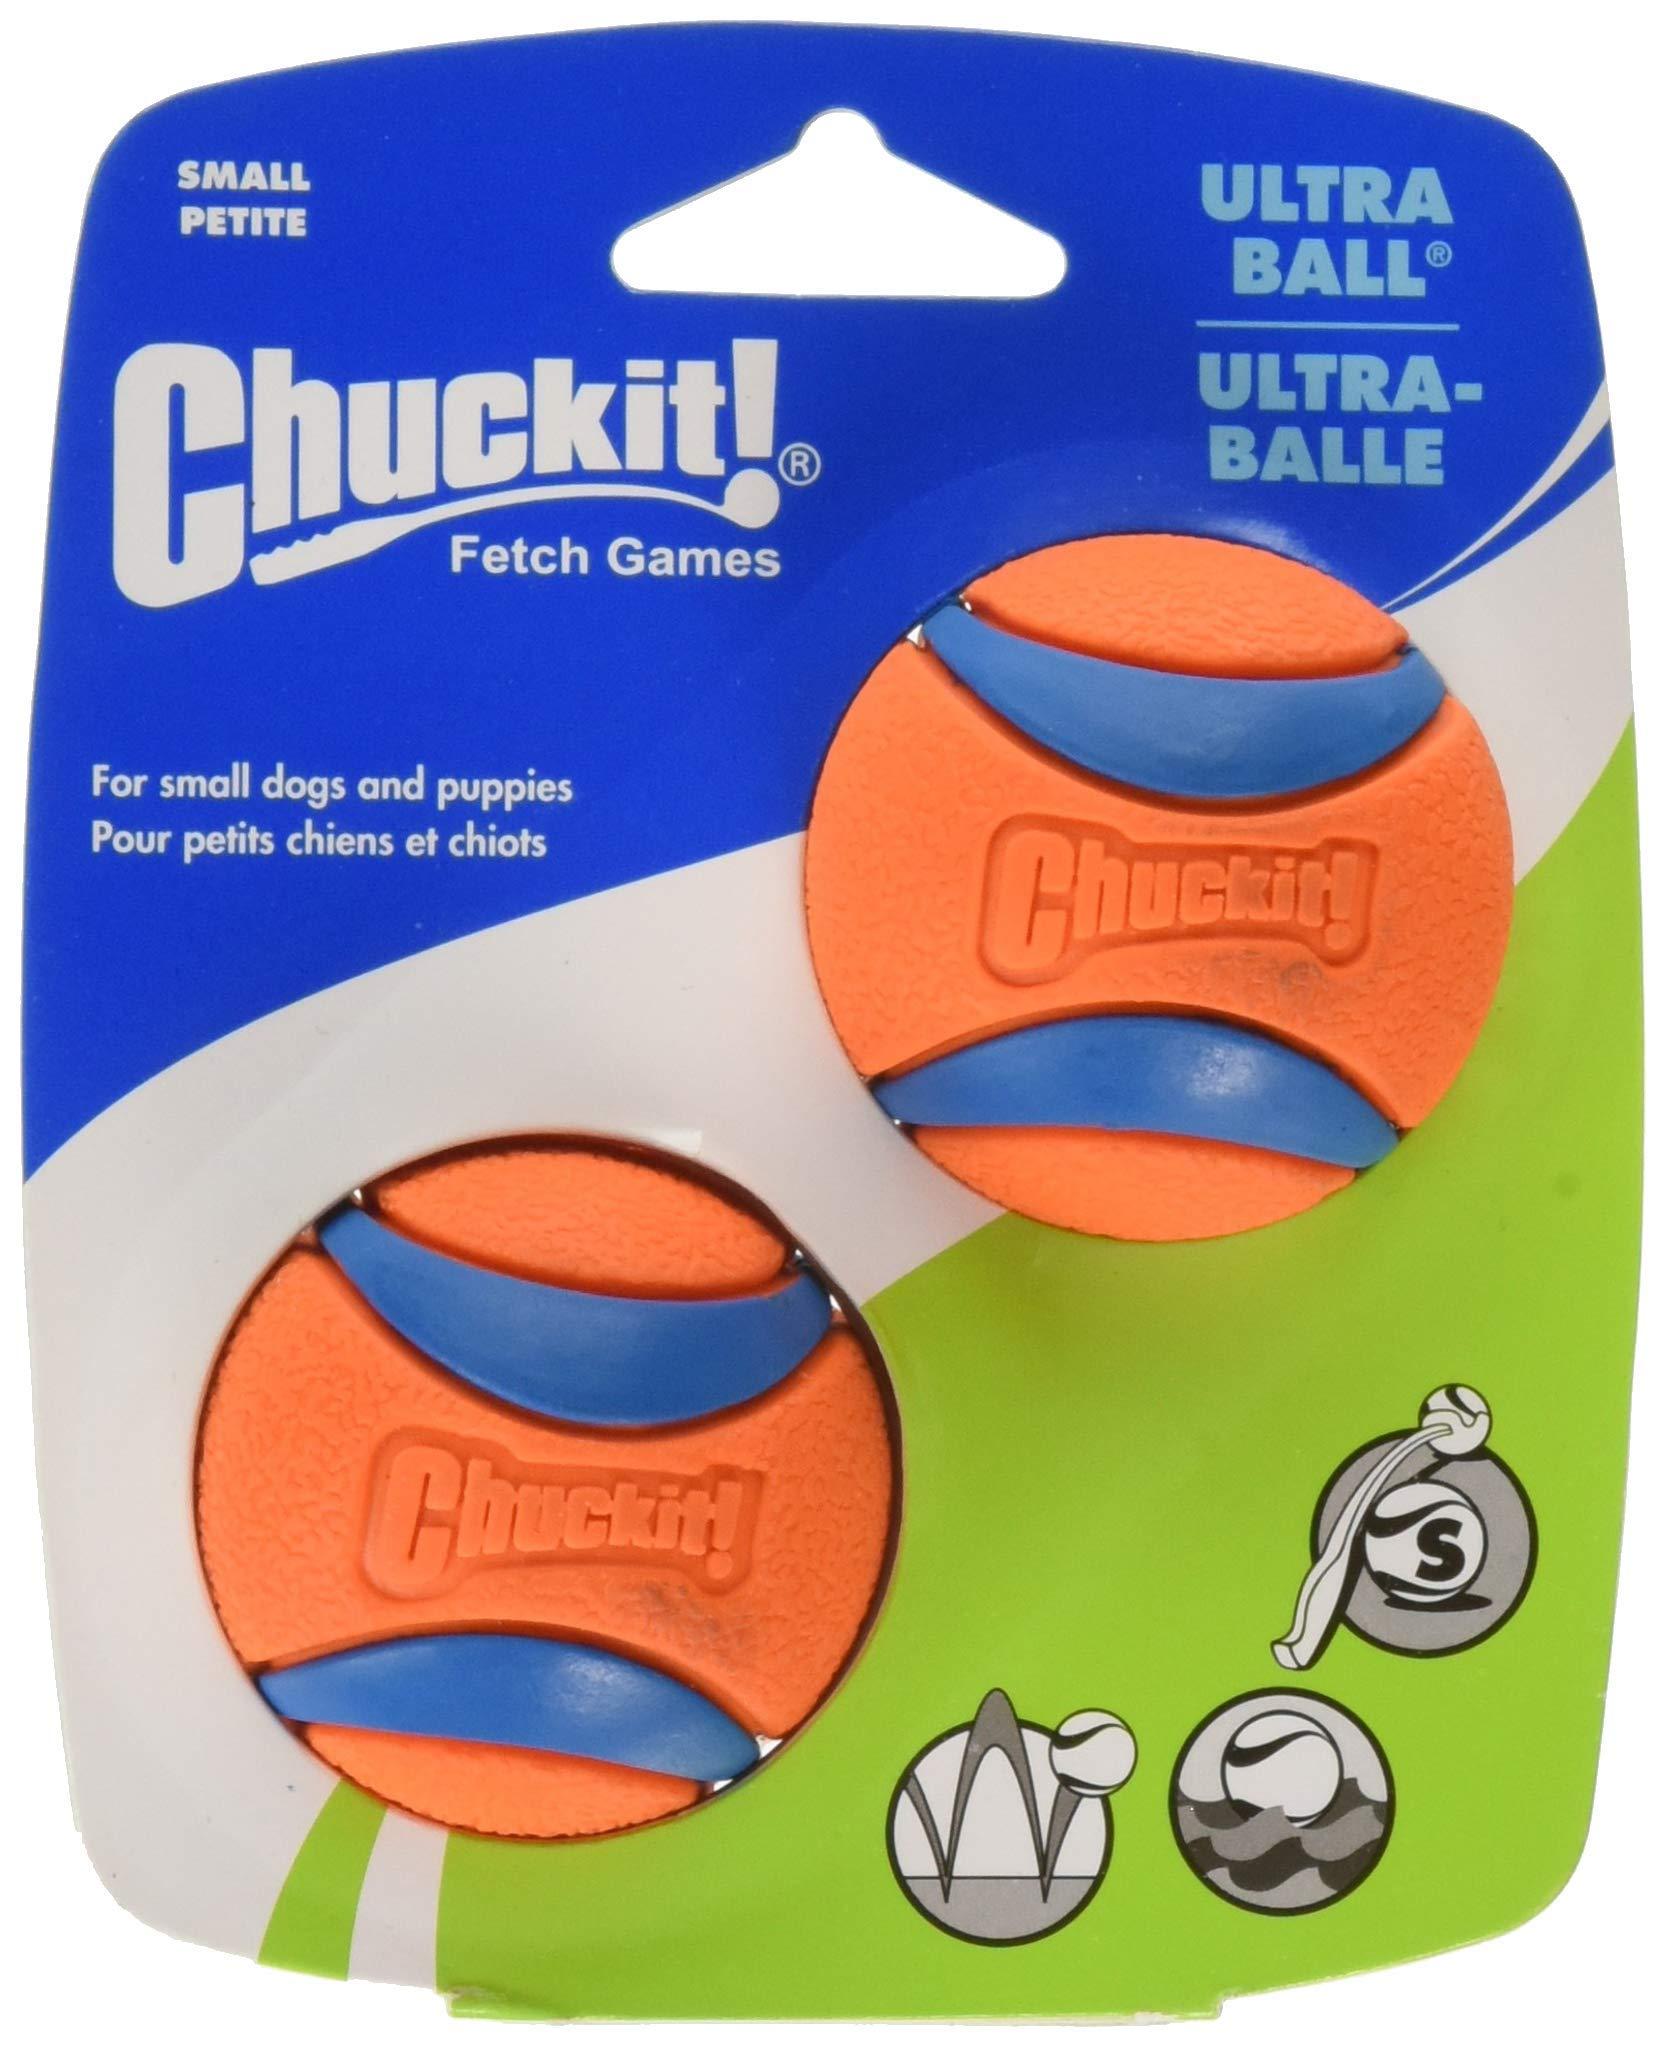 Chuckit-Ultra-Ball-Small-2-Pack